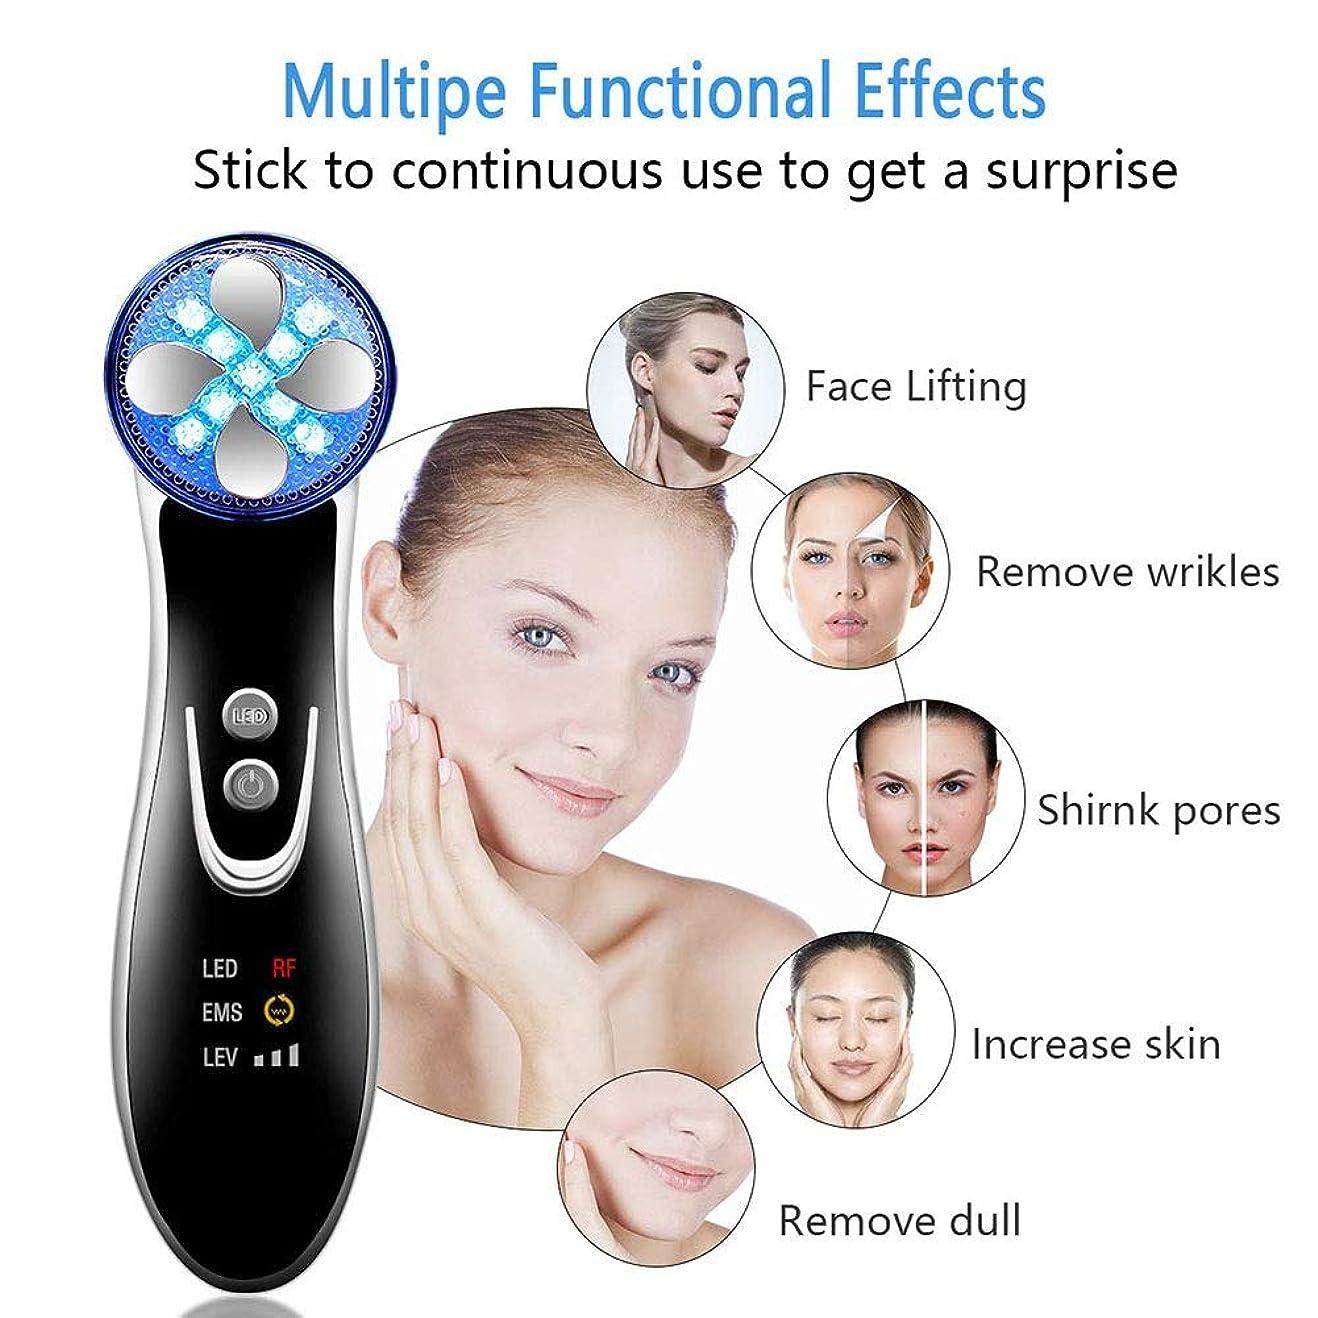 のれんサークルズボン4イン1フェイスリフト機、高周波アンチエージングデバイス、肌引き締めデバイス?フェイシャルリフティングのための5色の顔EMS用ライトしわのマッサージは、スキンケア振動美容インストゥルメントを削除します (Color : 黒)